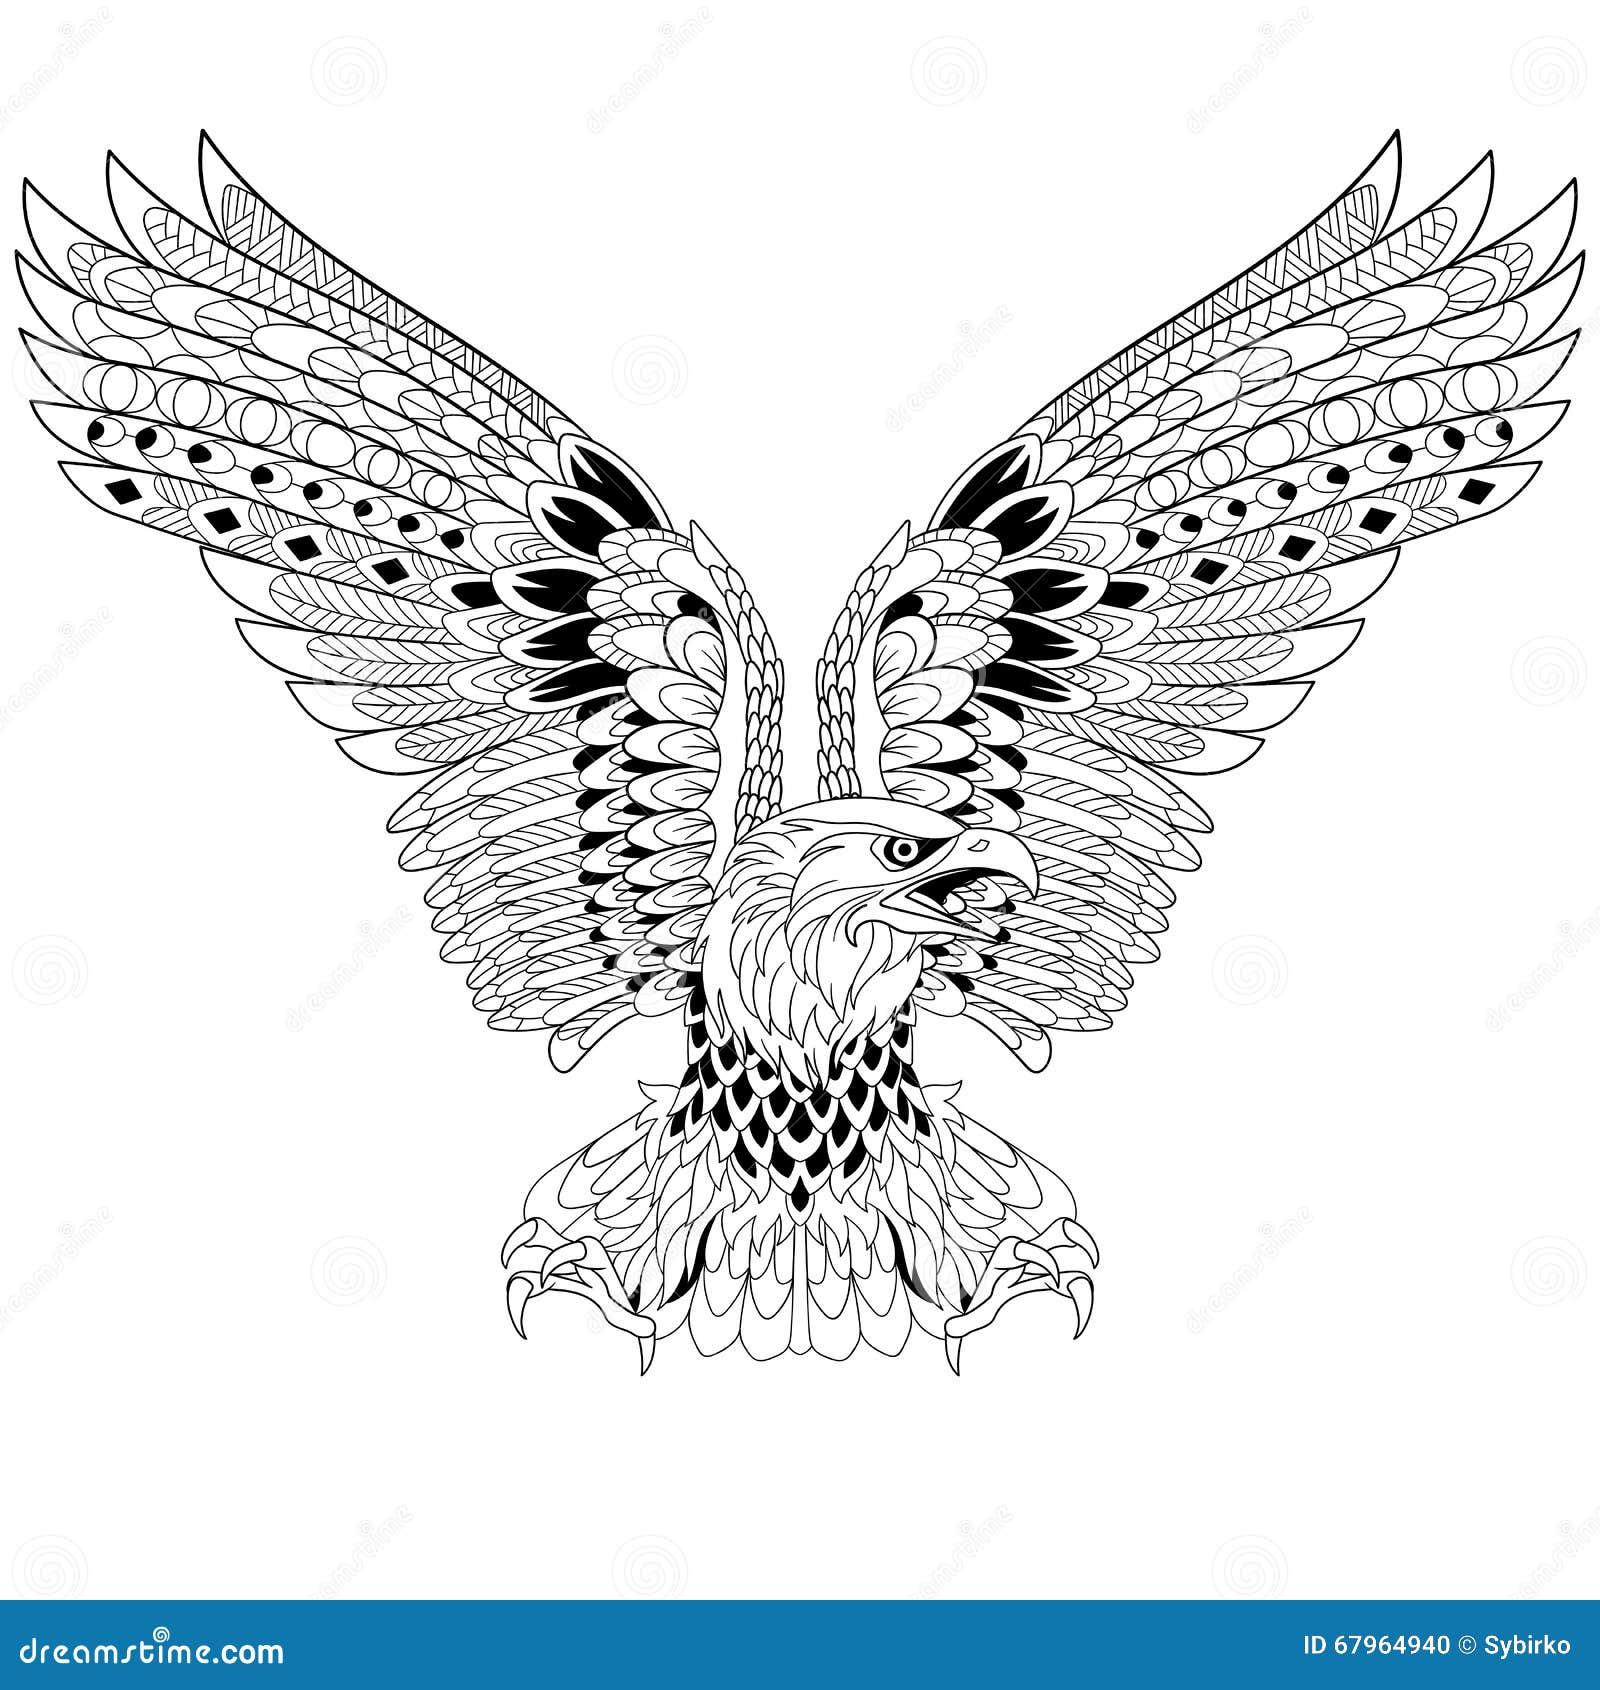 Zentangle Stylized Eagle Stock Vector Image 67964940